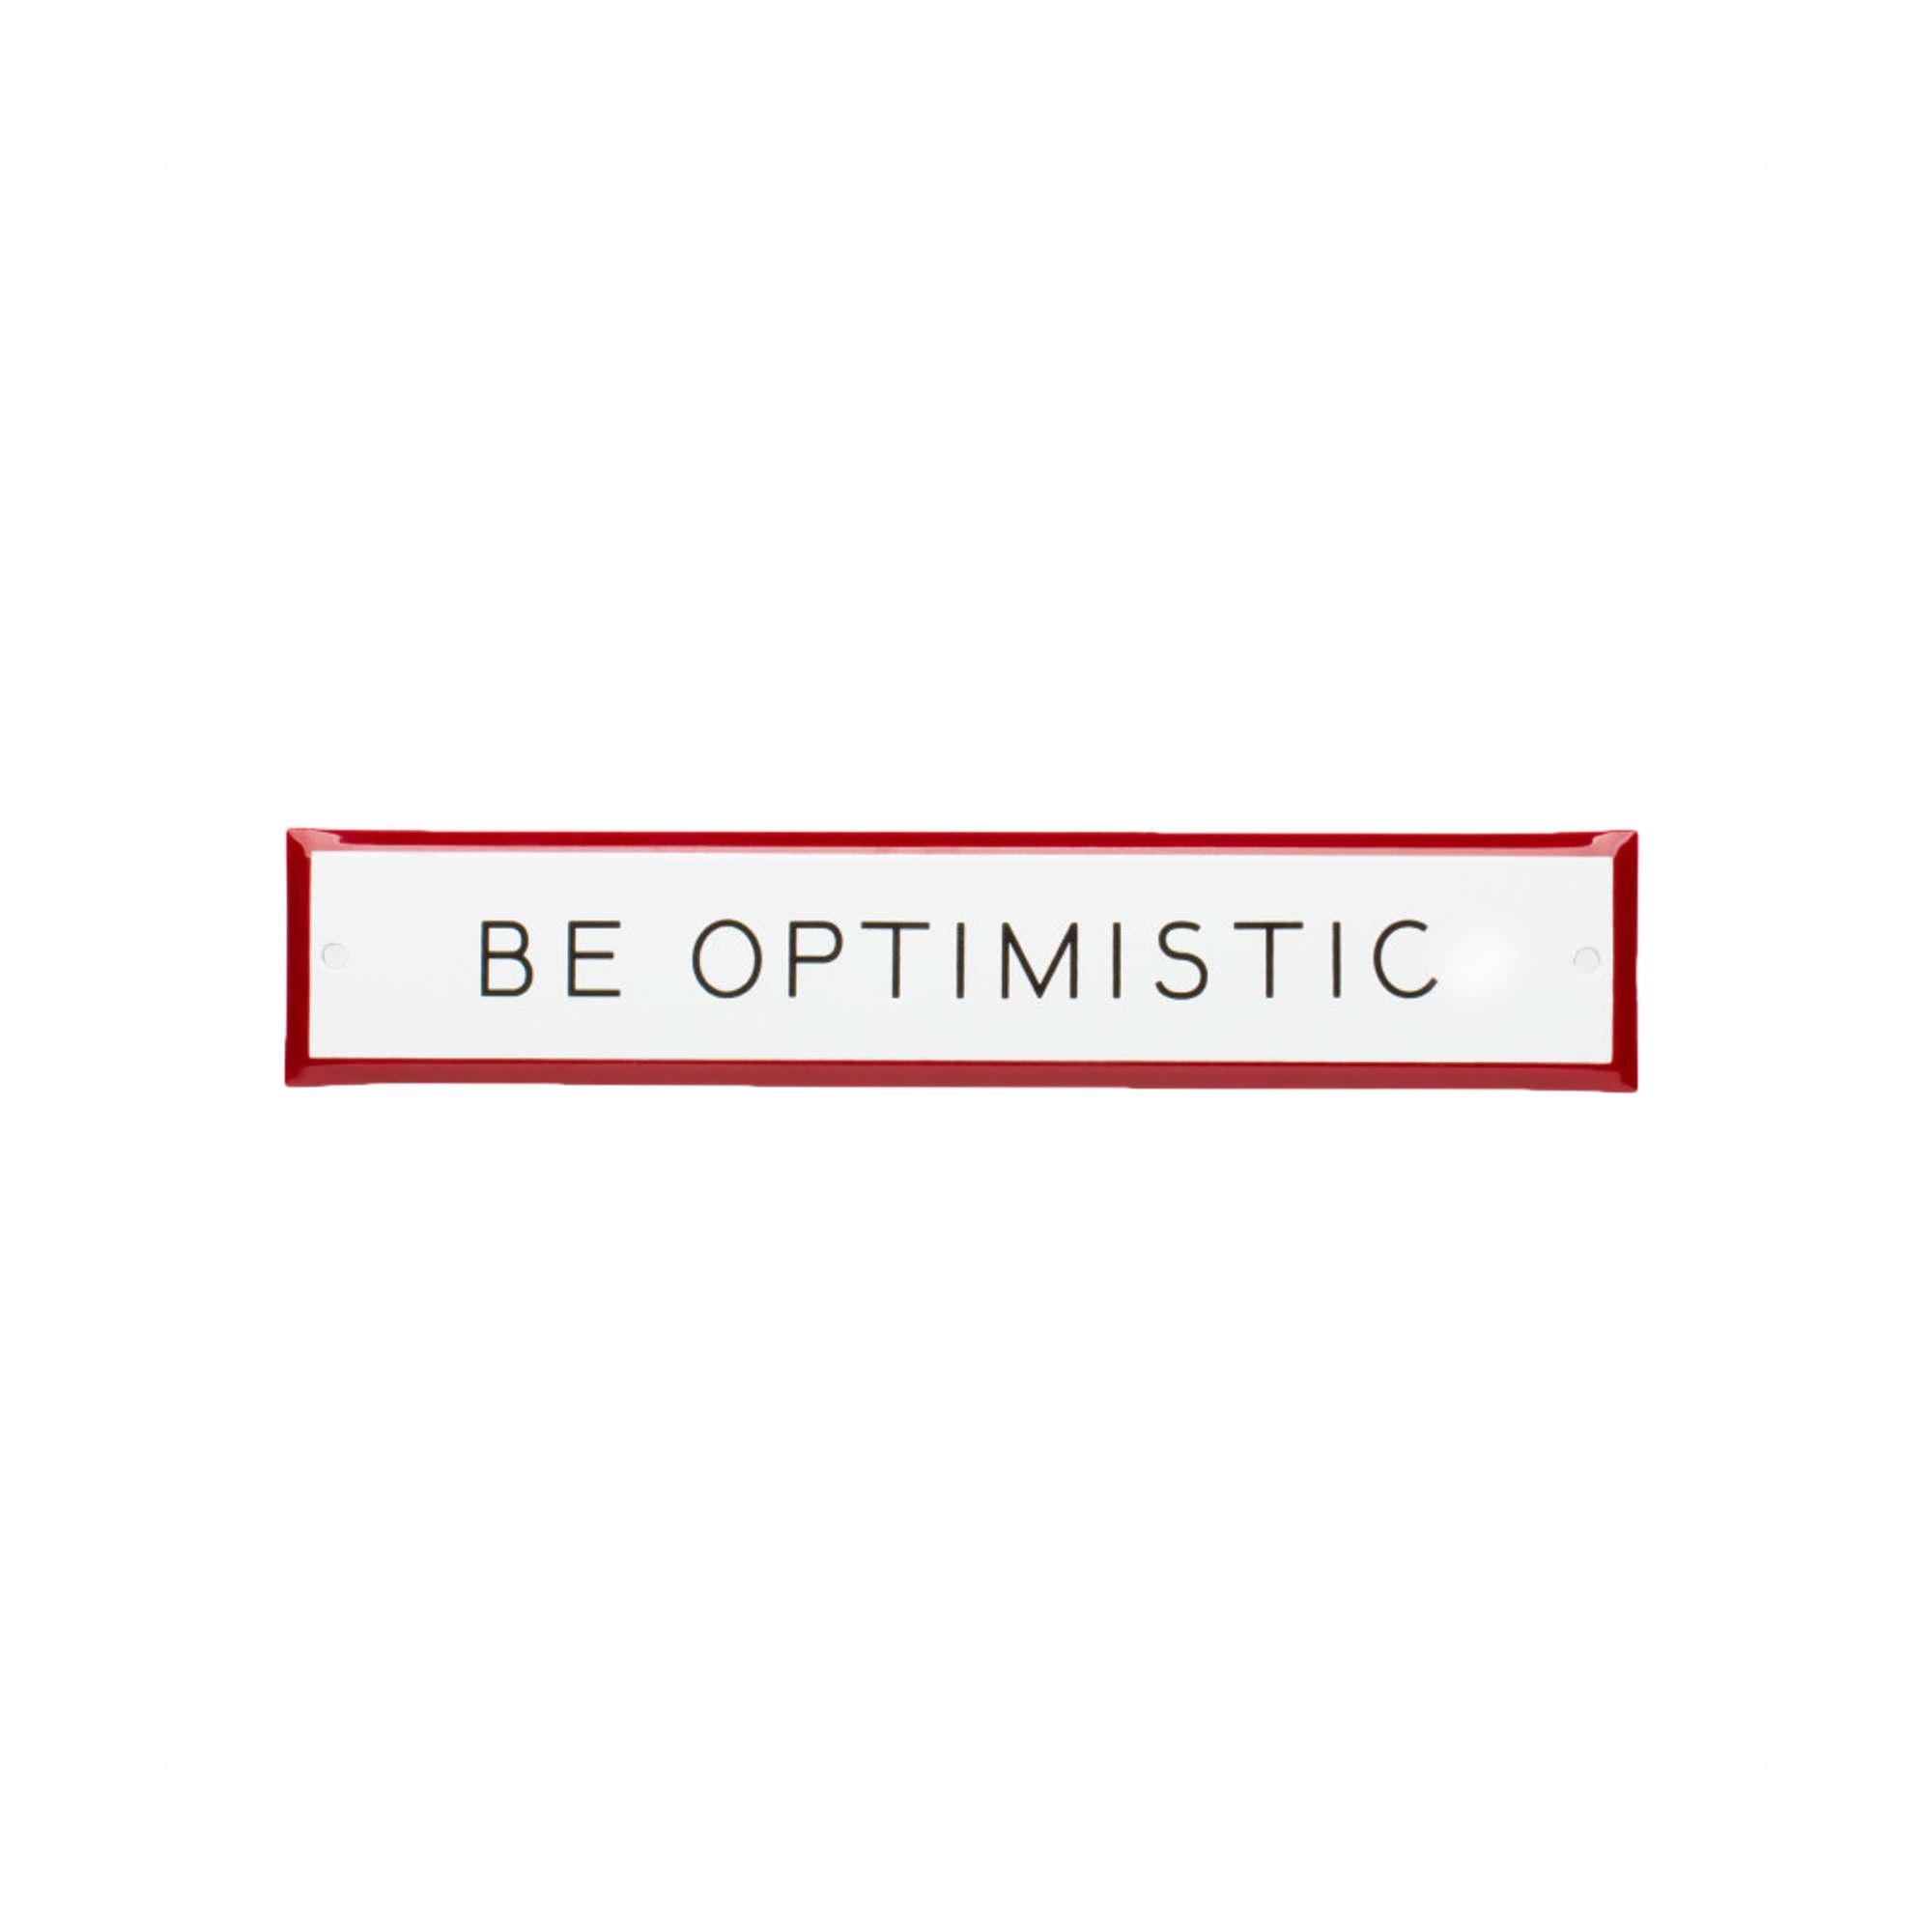 panneau be optimistic